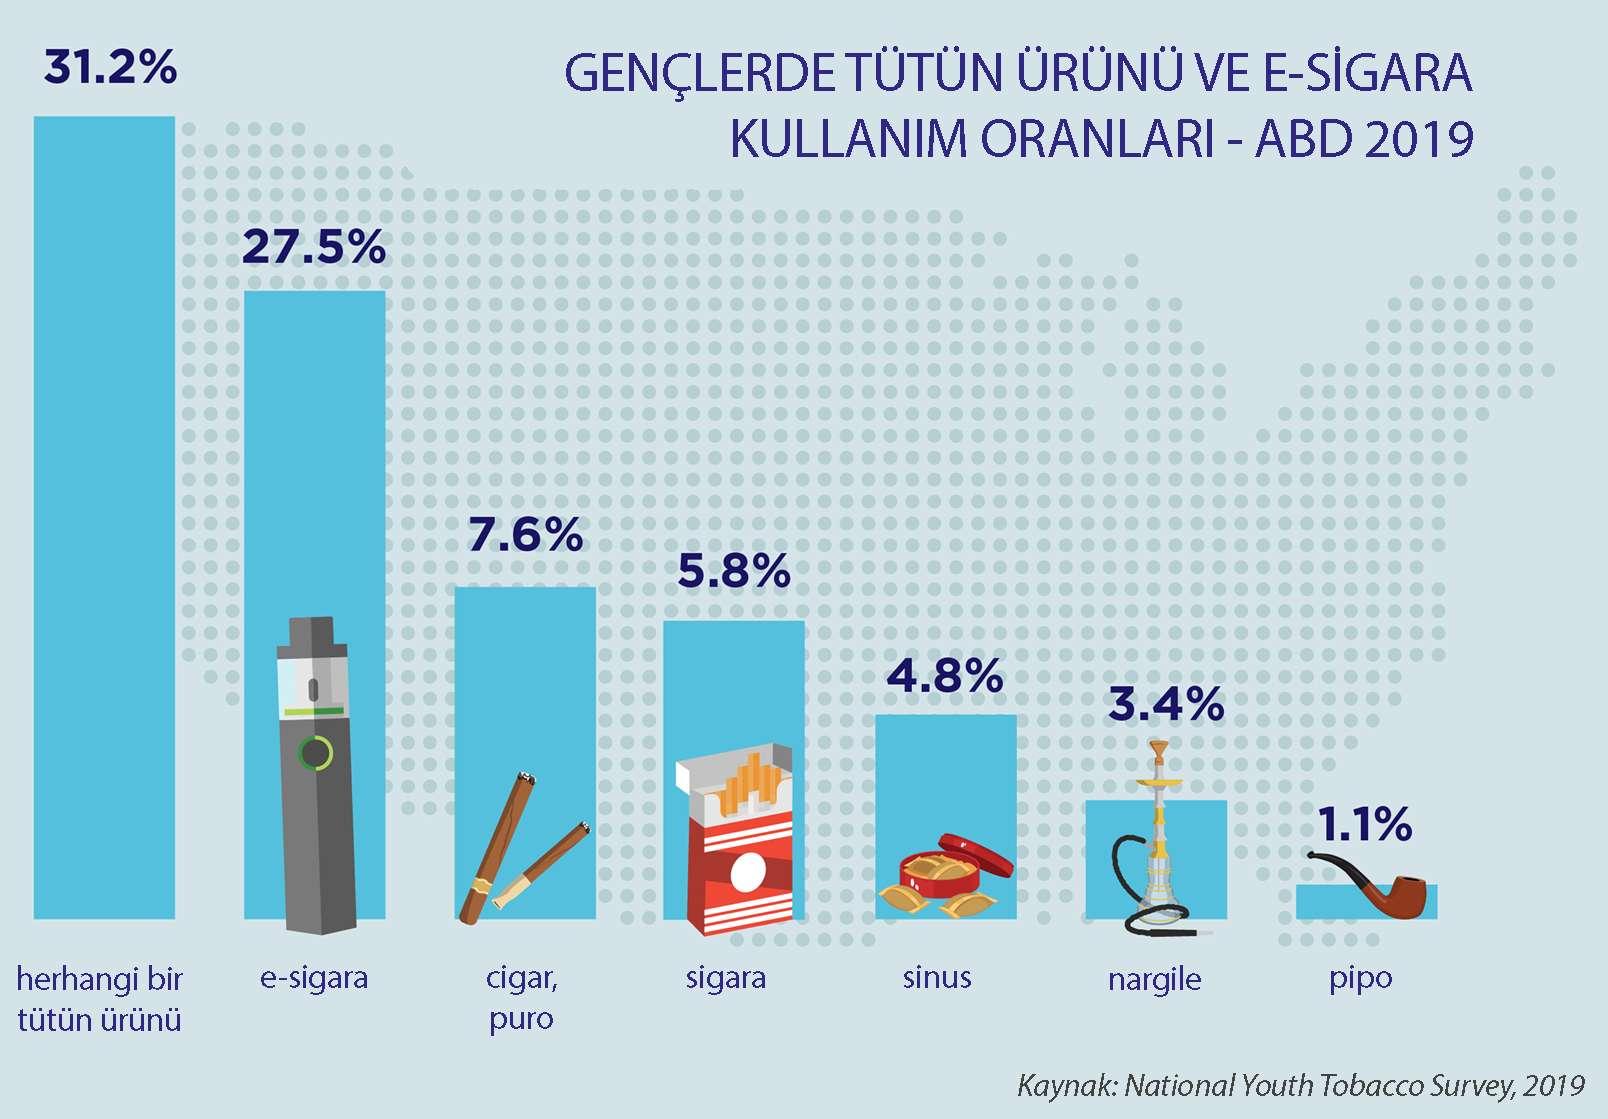 gençlerde yıllara göre tütün ürünü elektronik sigara kullanım oranları